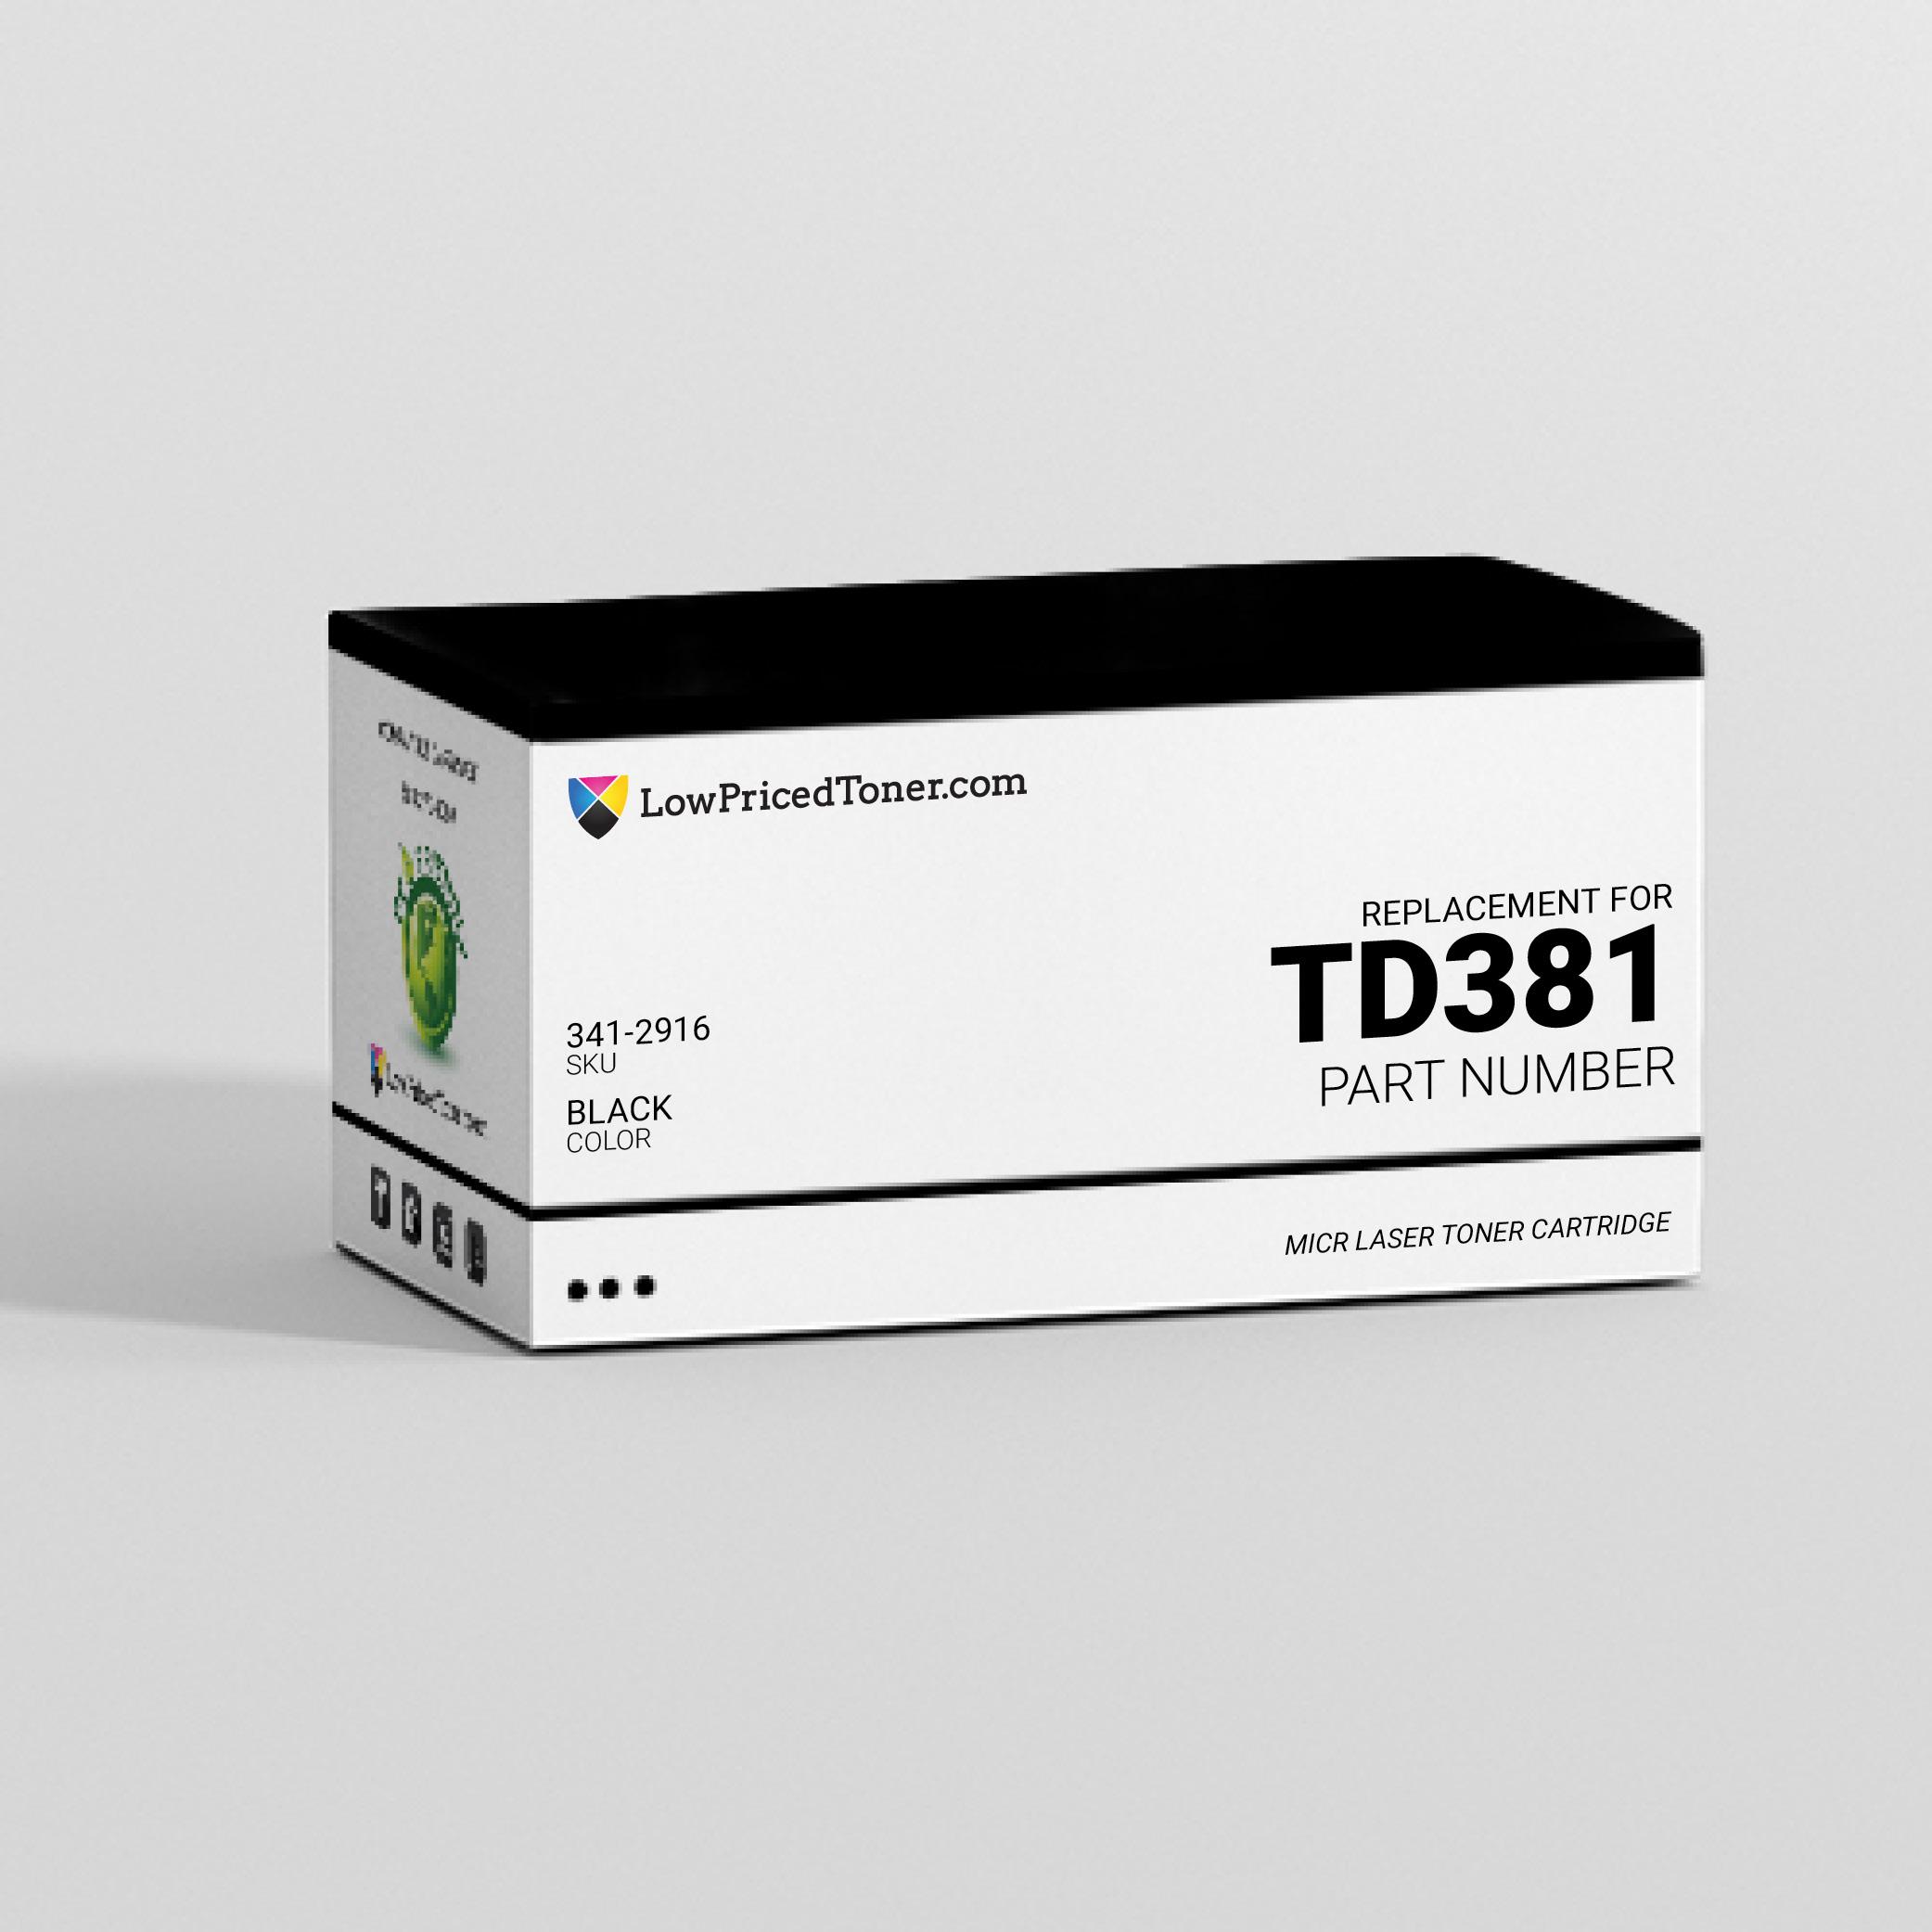 Dell 341-2916 TD381 Remanufactured Black MICR Laser Toner Cartridge